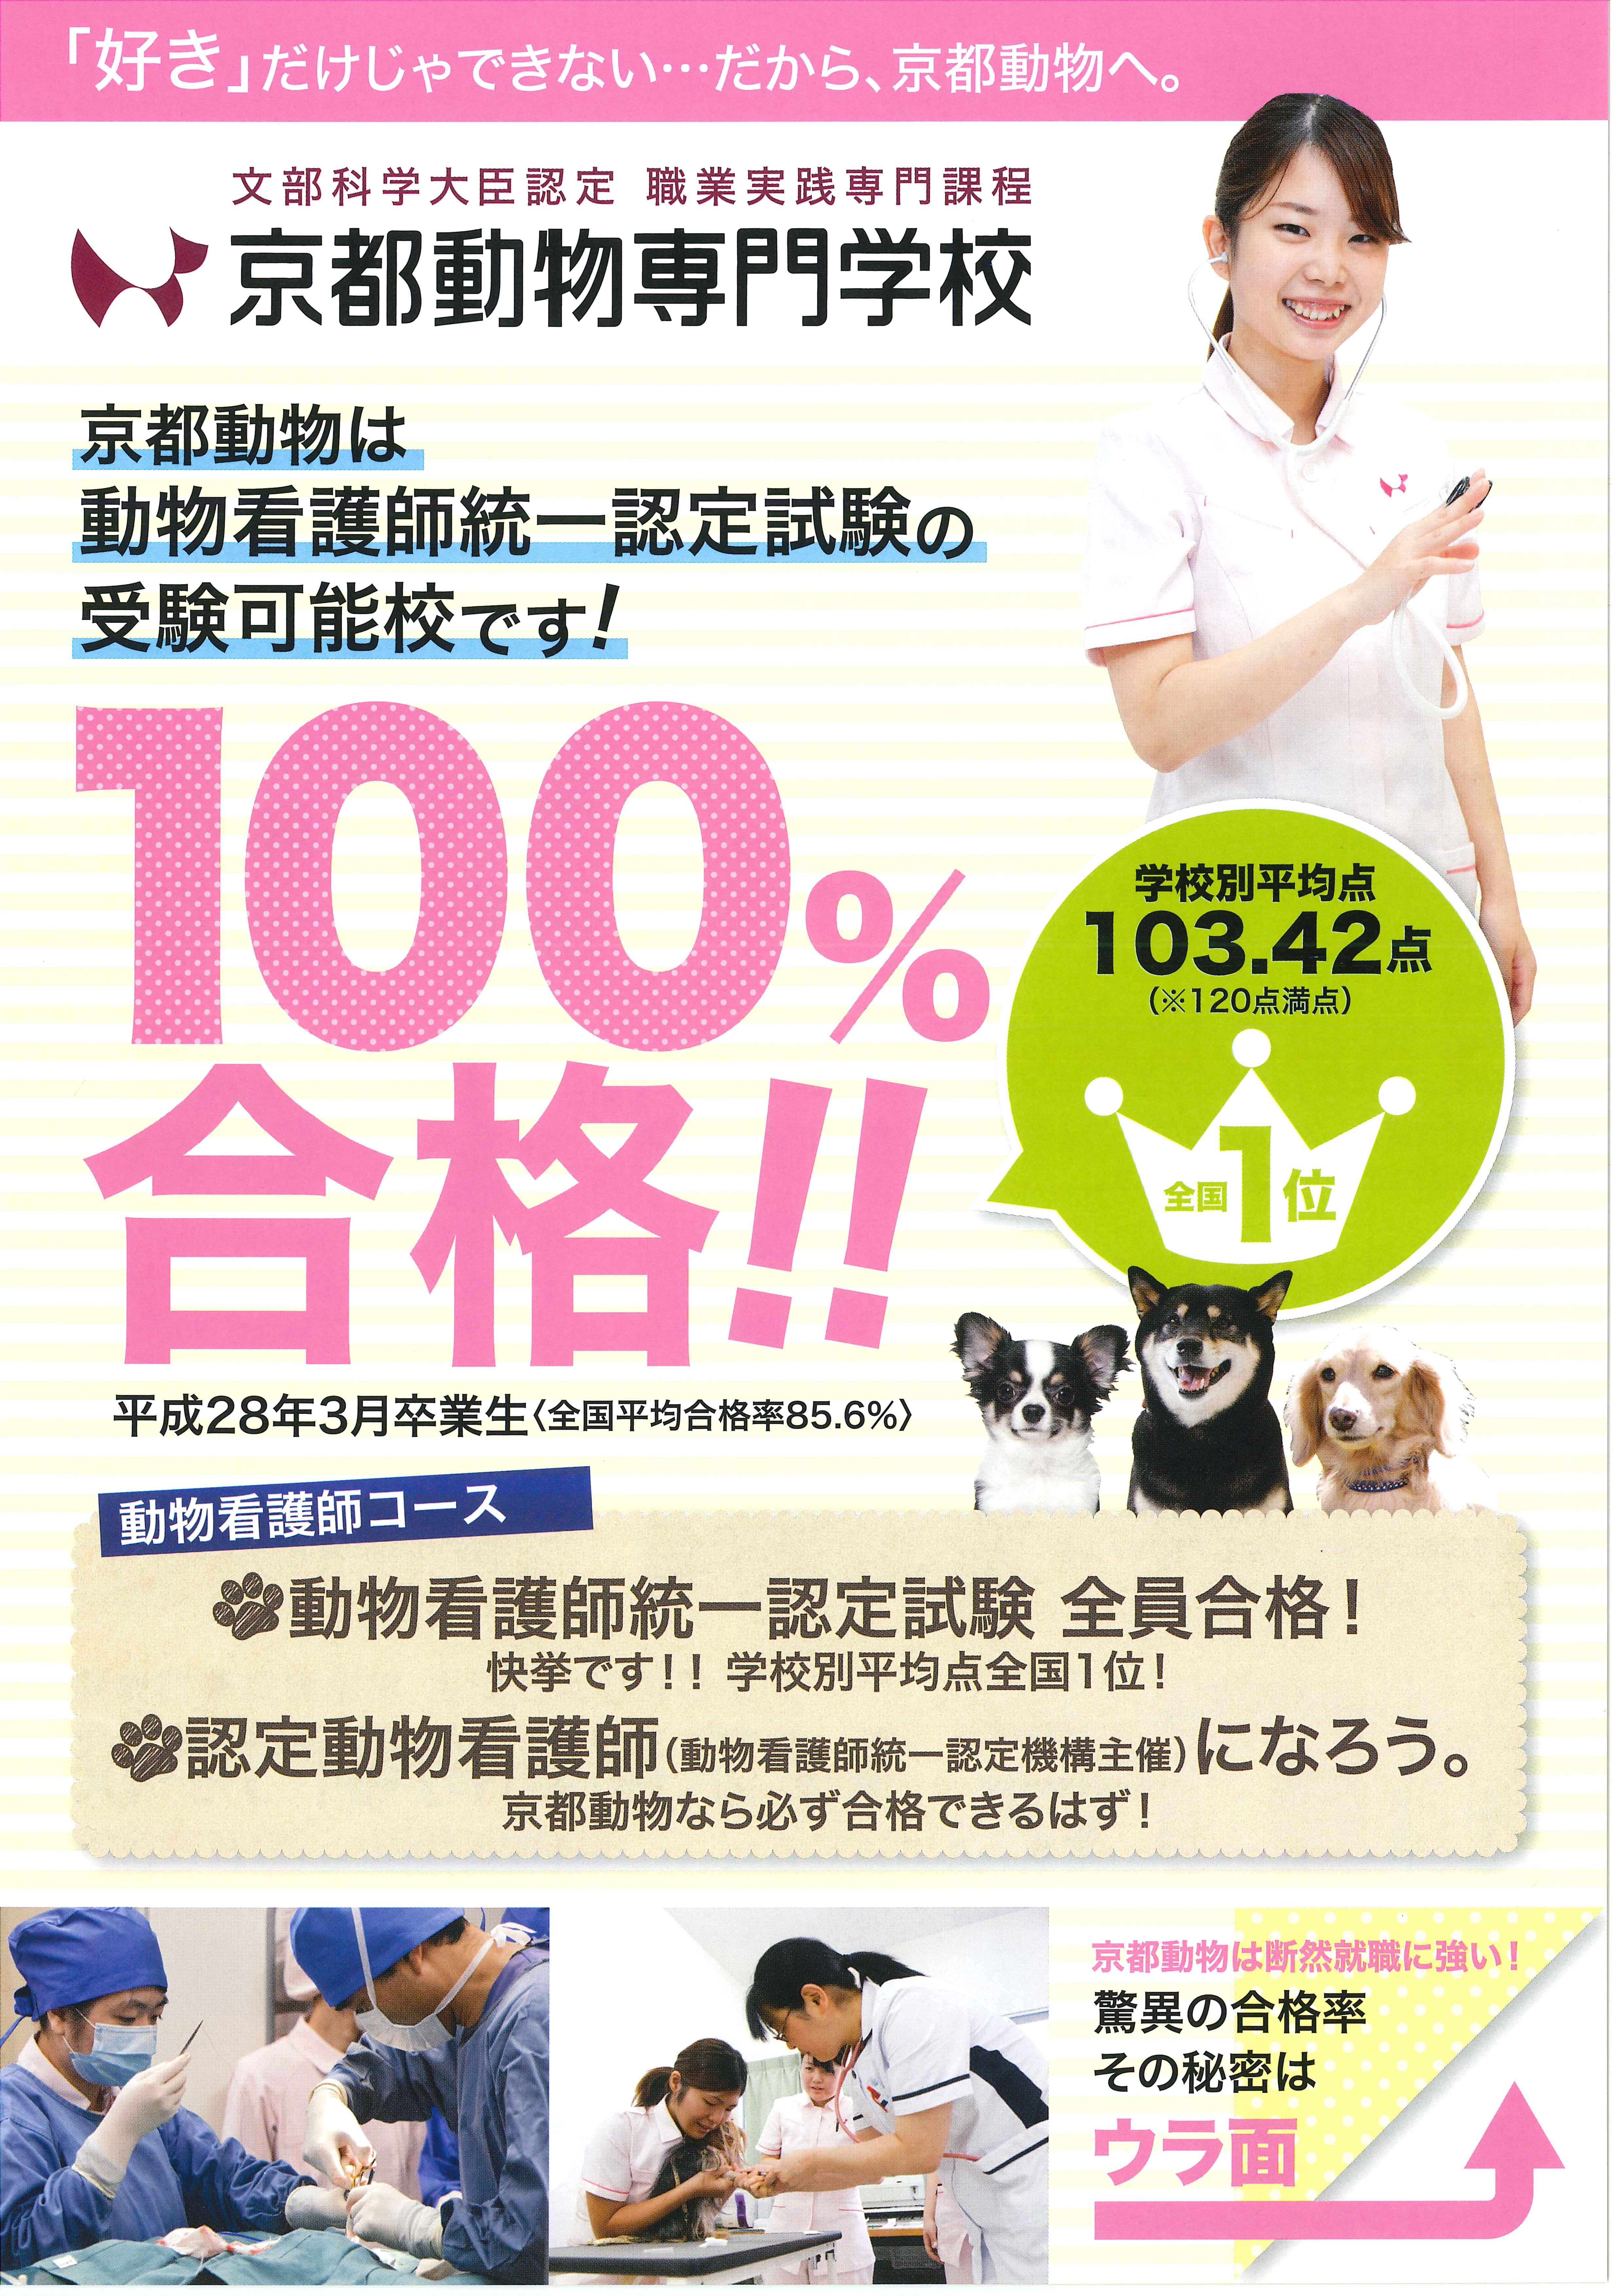 合格率100%(全国平均85.6%) 京都動物は動物看護師統一認定 ...